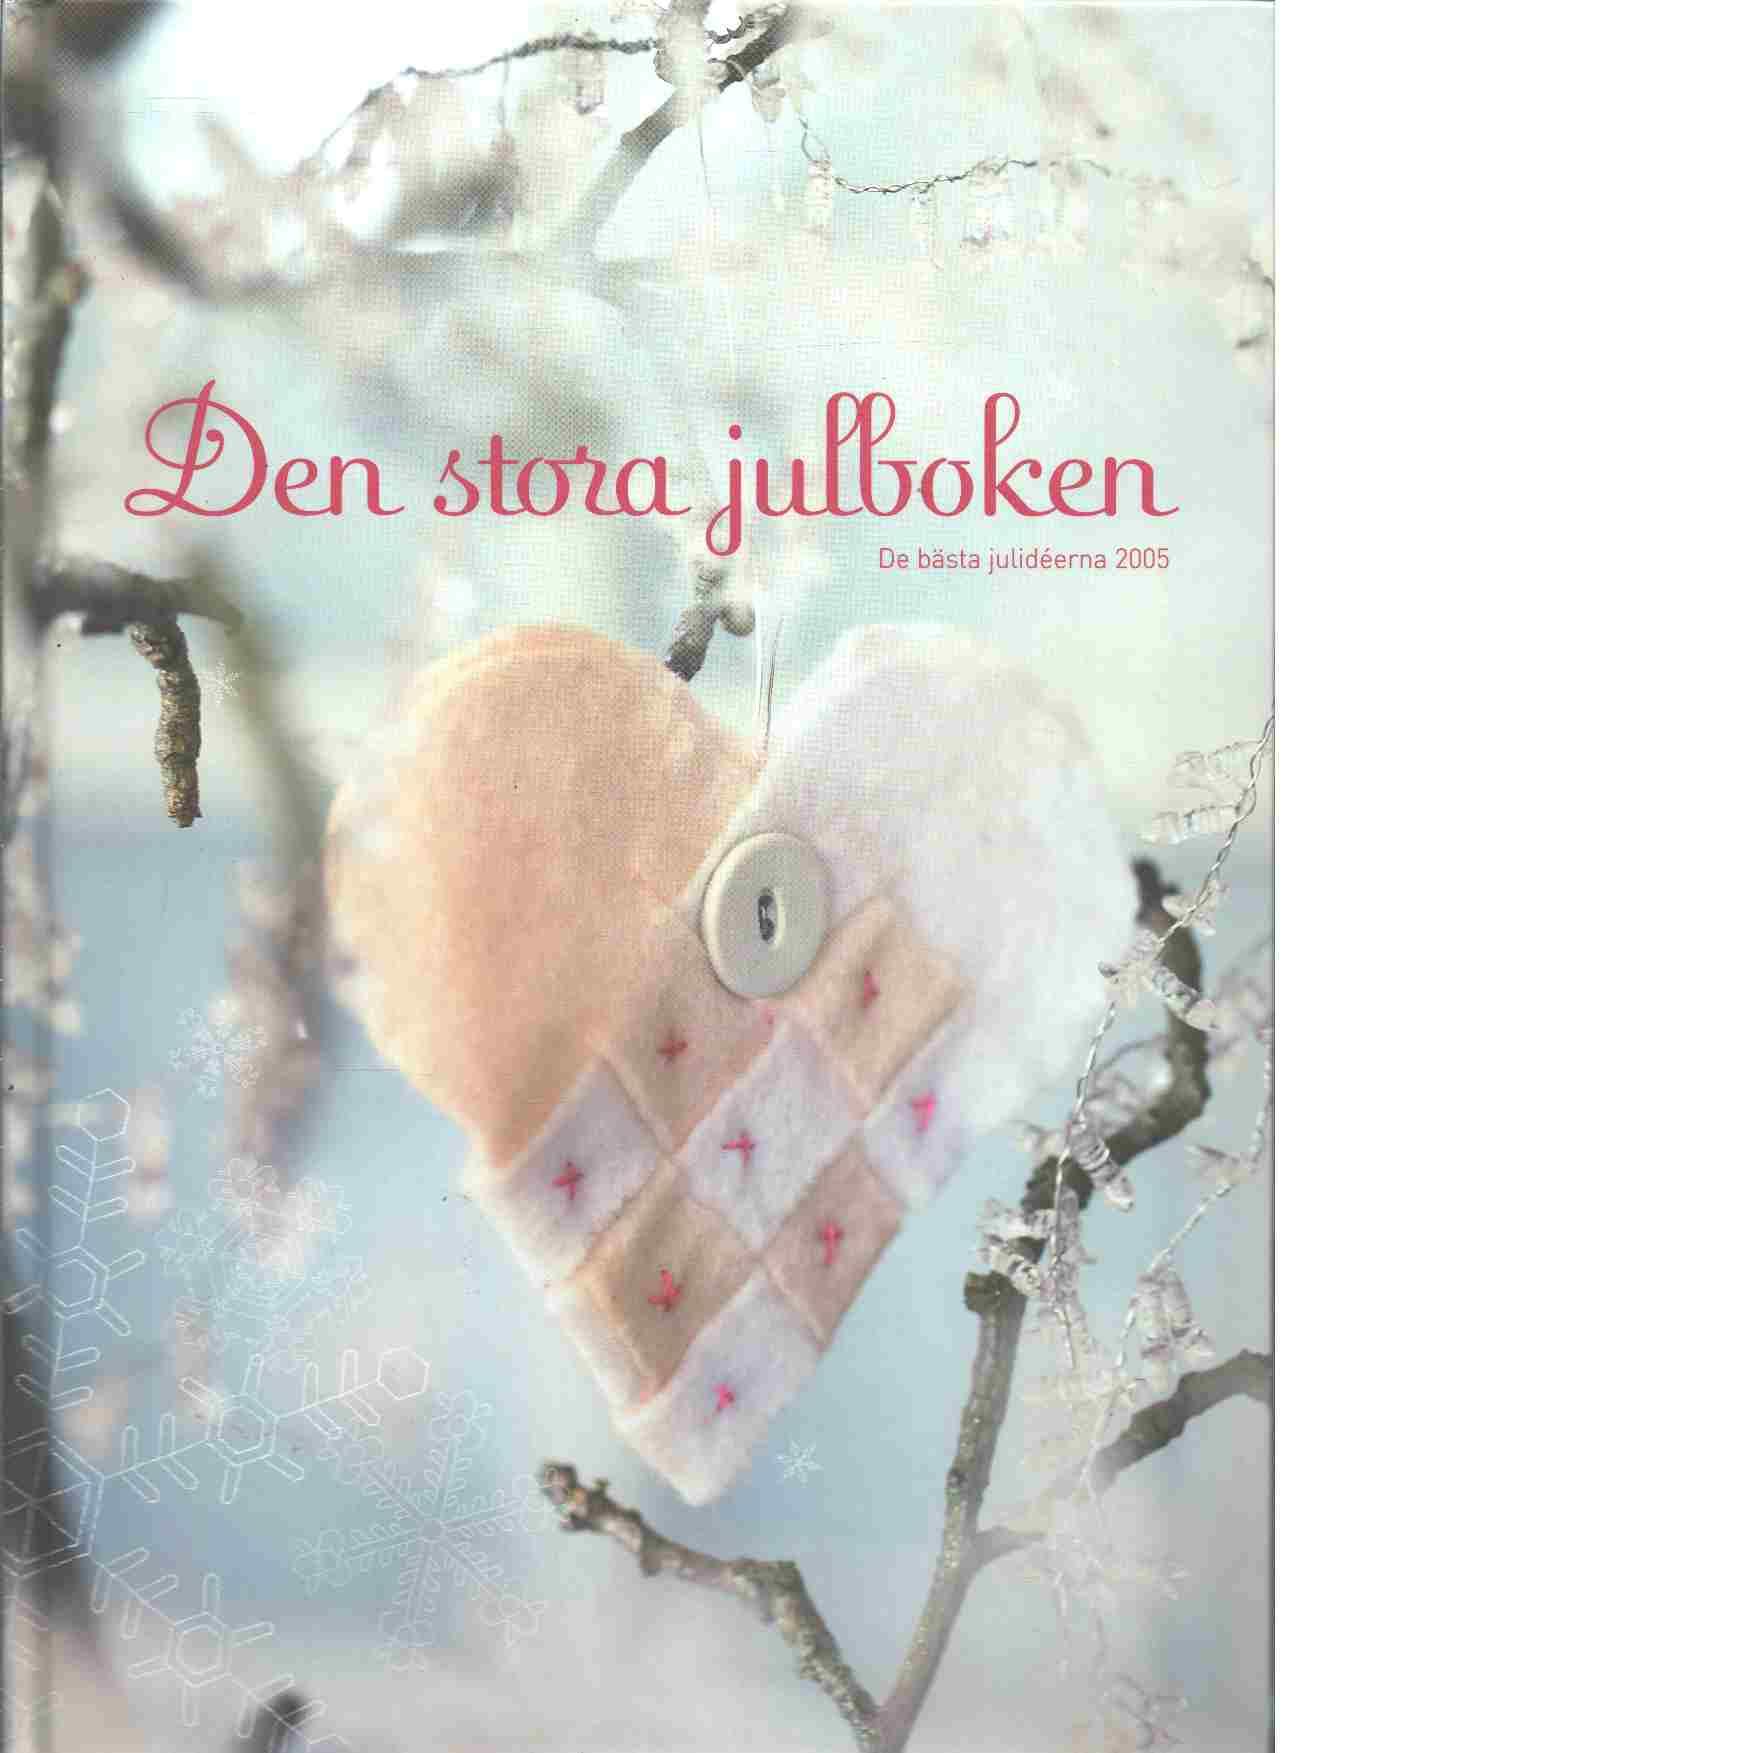 Den stora julboken - De bästa julideerna  2005 - Red.